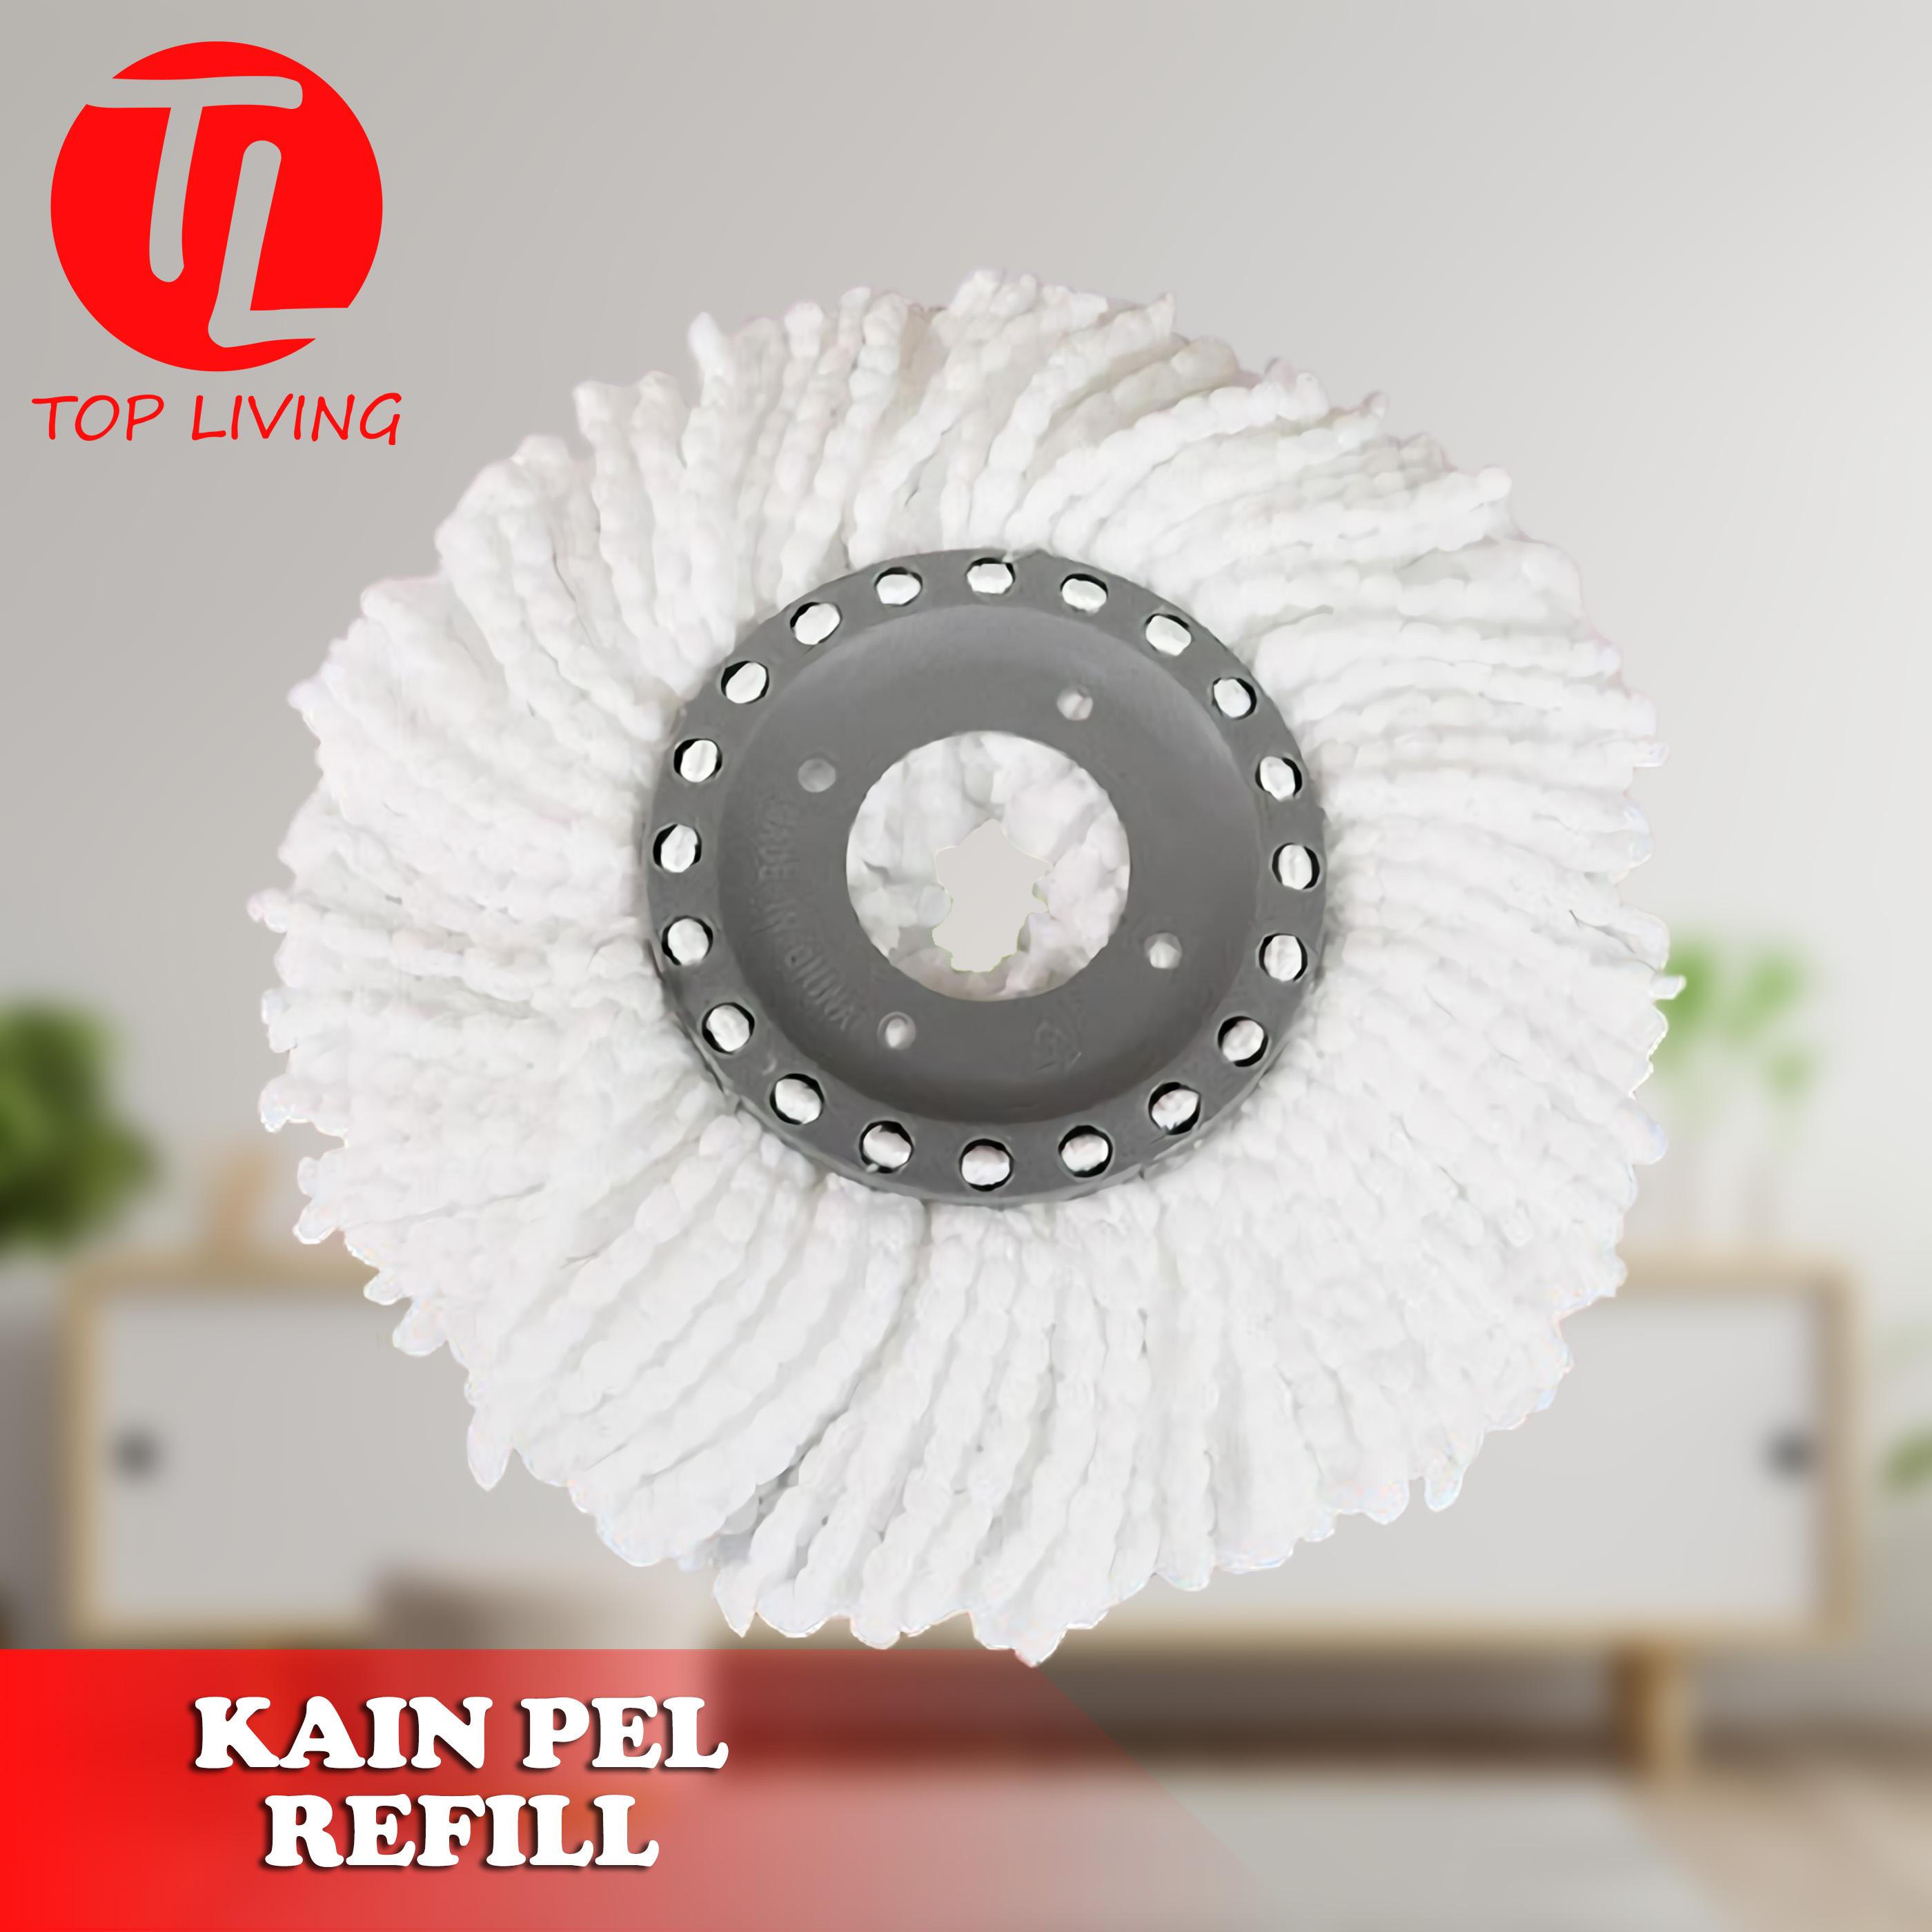 [top living] refill spin mop pel putar otomatis-ultra mop refill white 20101